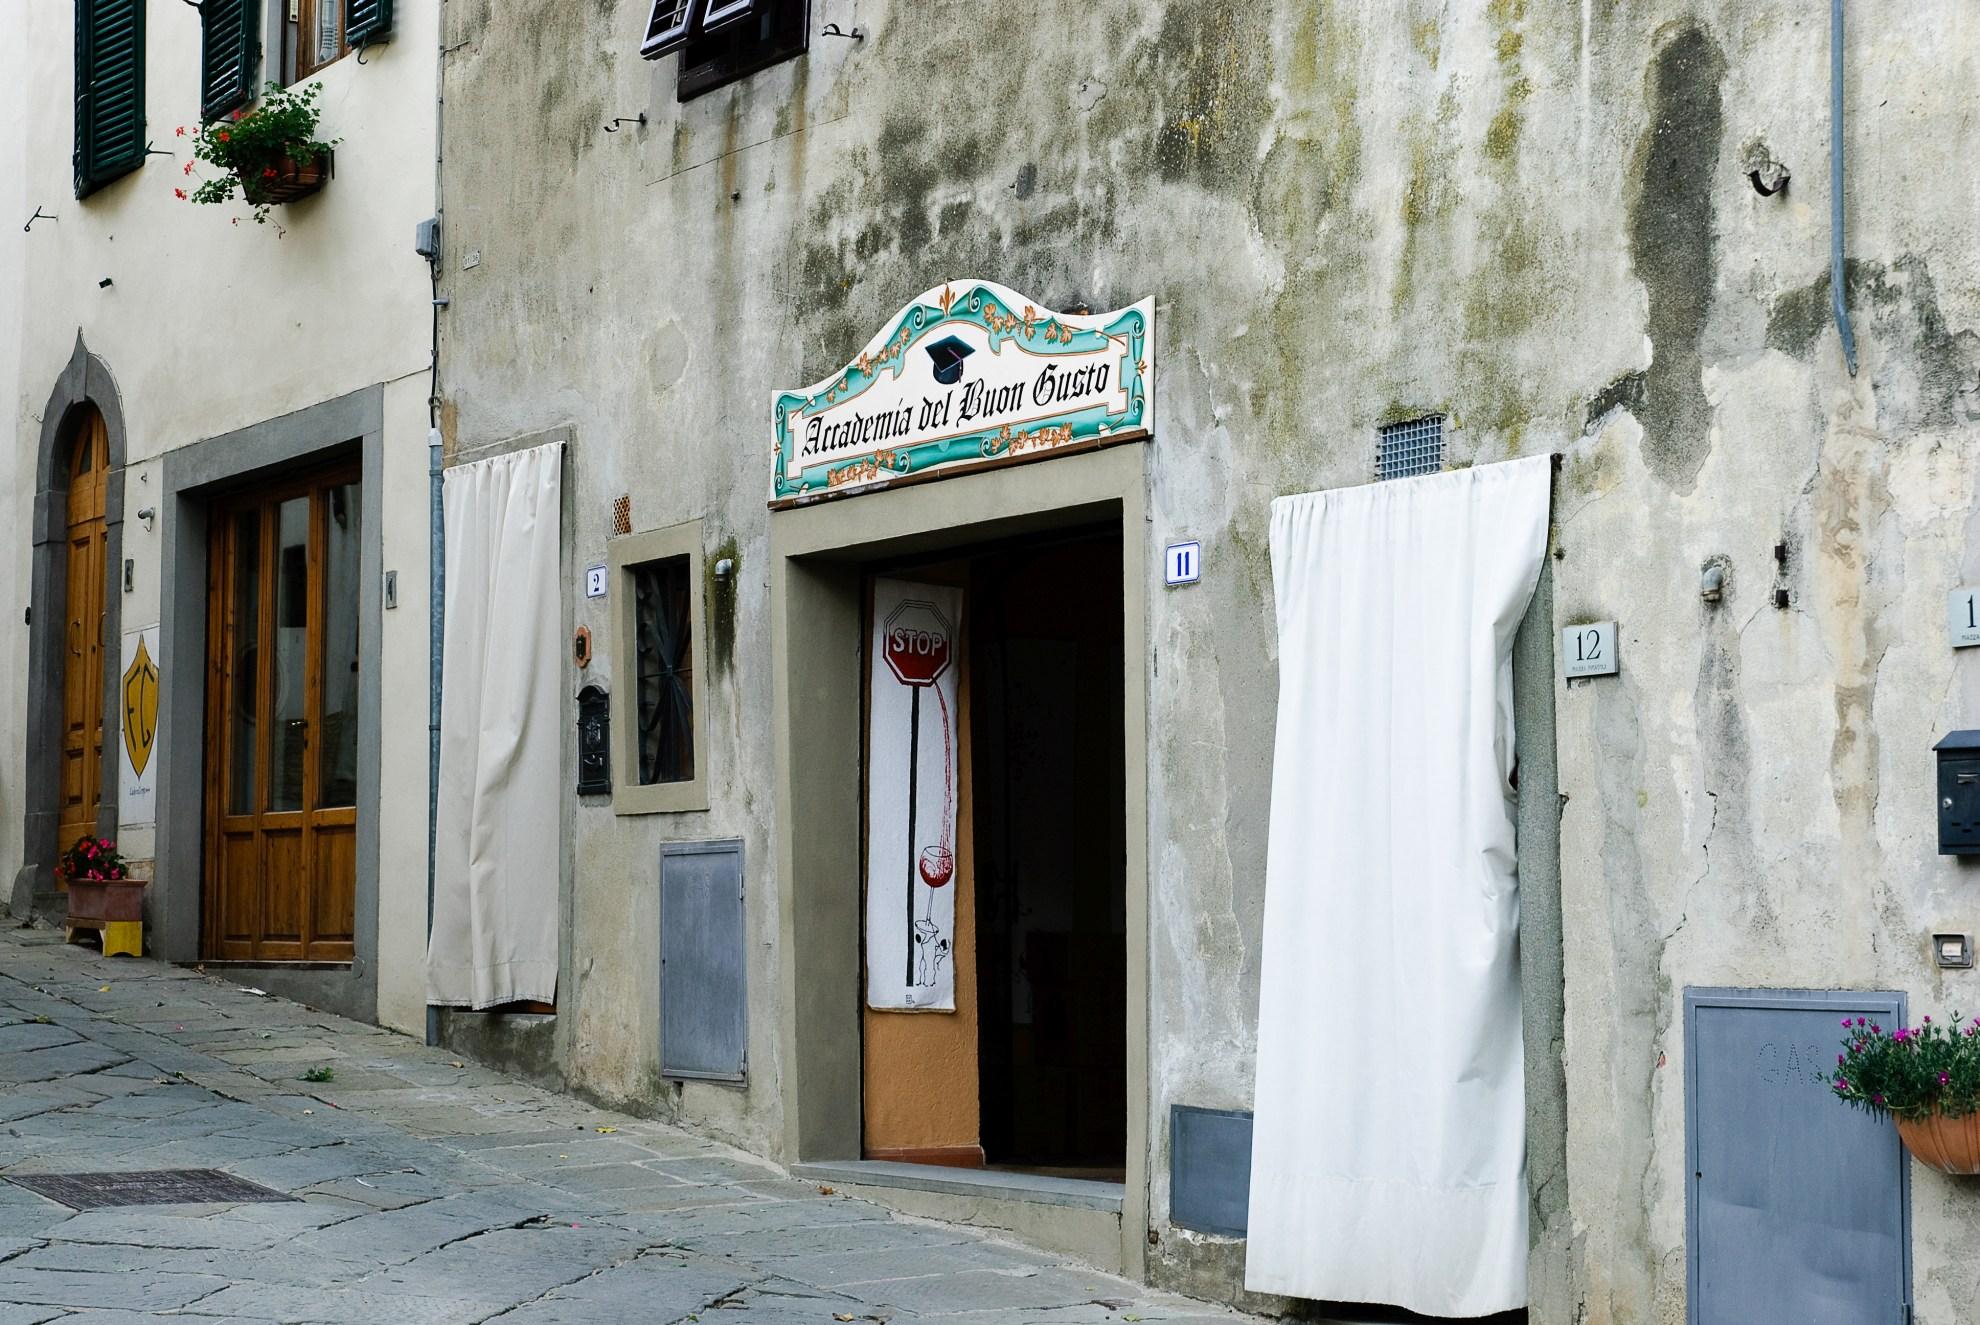 Academia del Buon Gusto w Panzano in Chianti